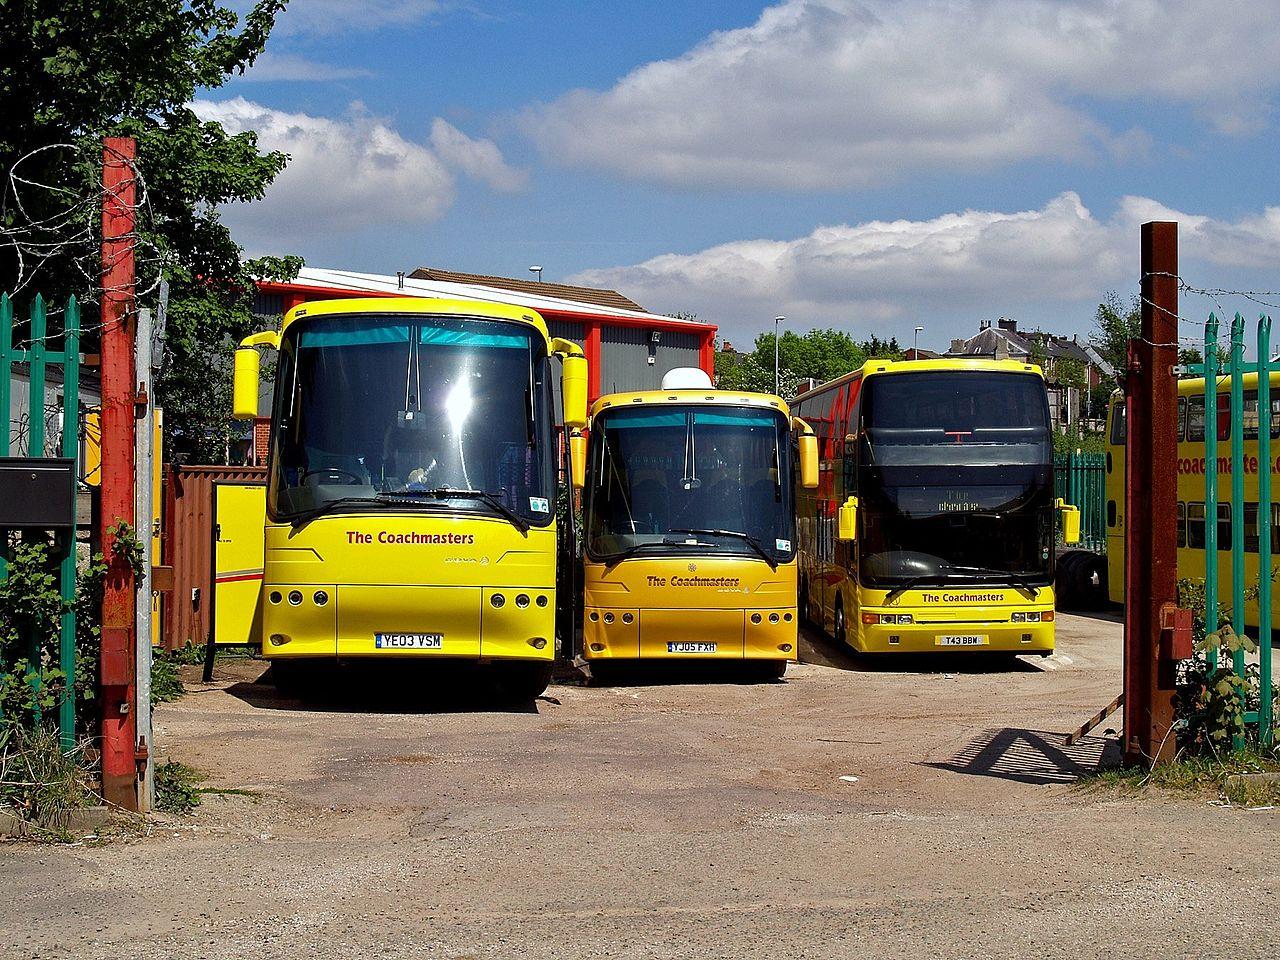 File Coachmasters Coaches Ye03 Vsm Yj05 Fxh Amp T43